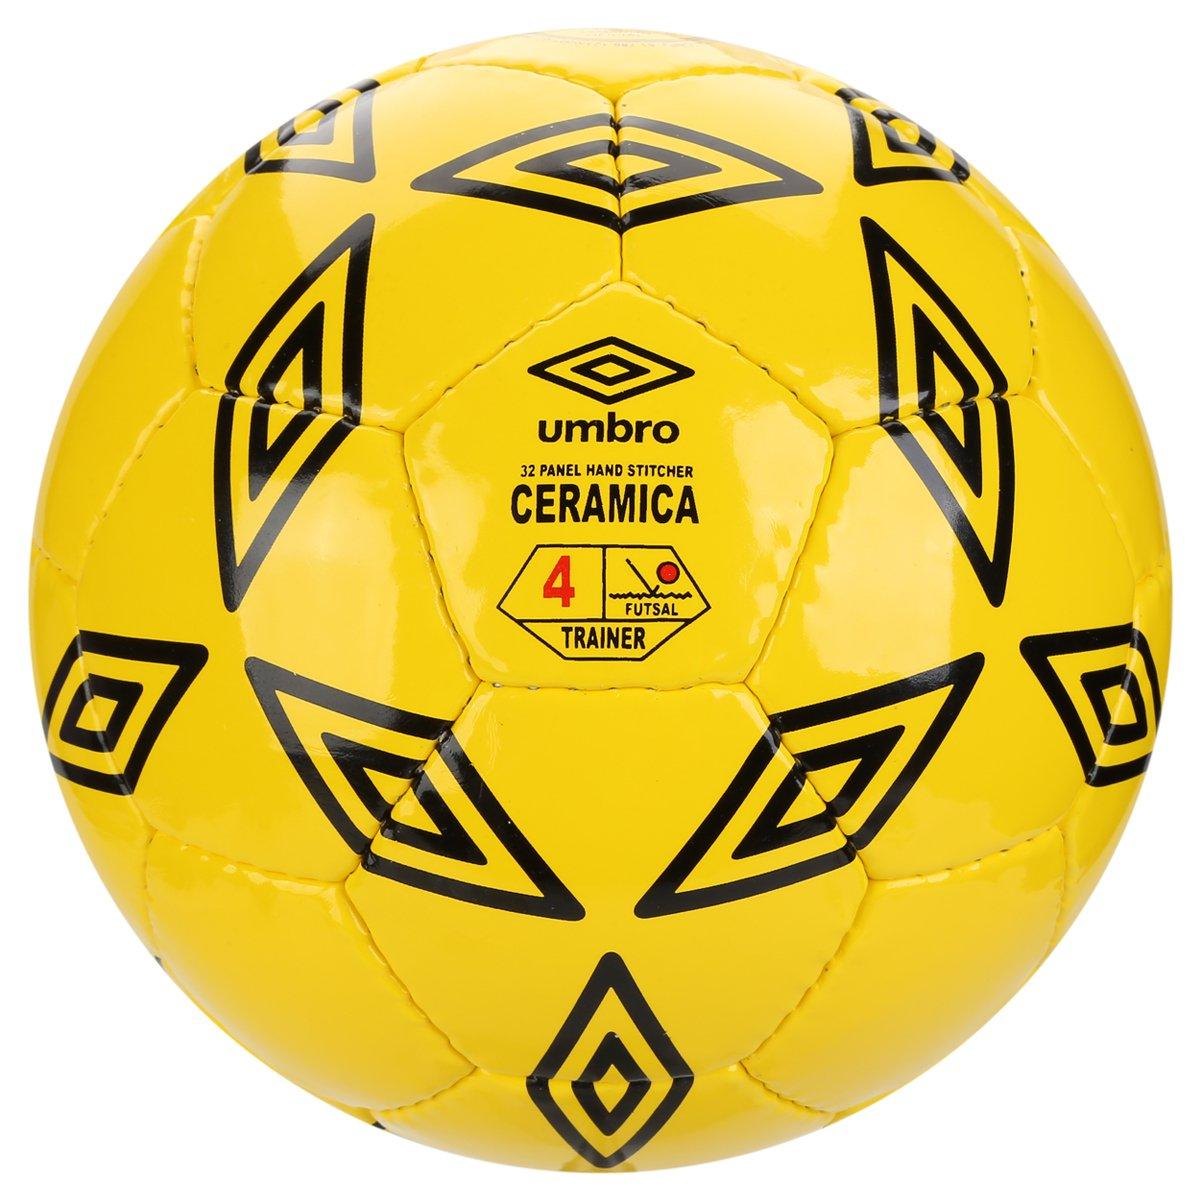 164a9ccf80 Bola Futsal Umbro Cerâmica - Amarelo e Preto - Compre Agora